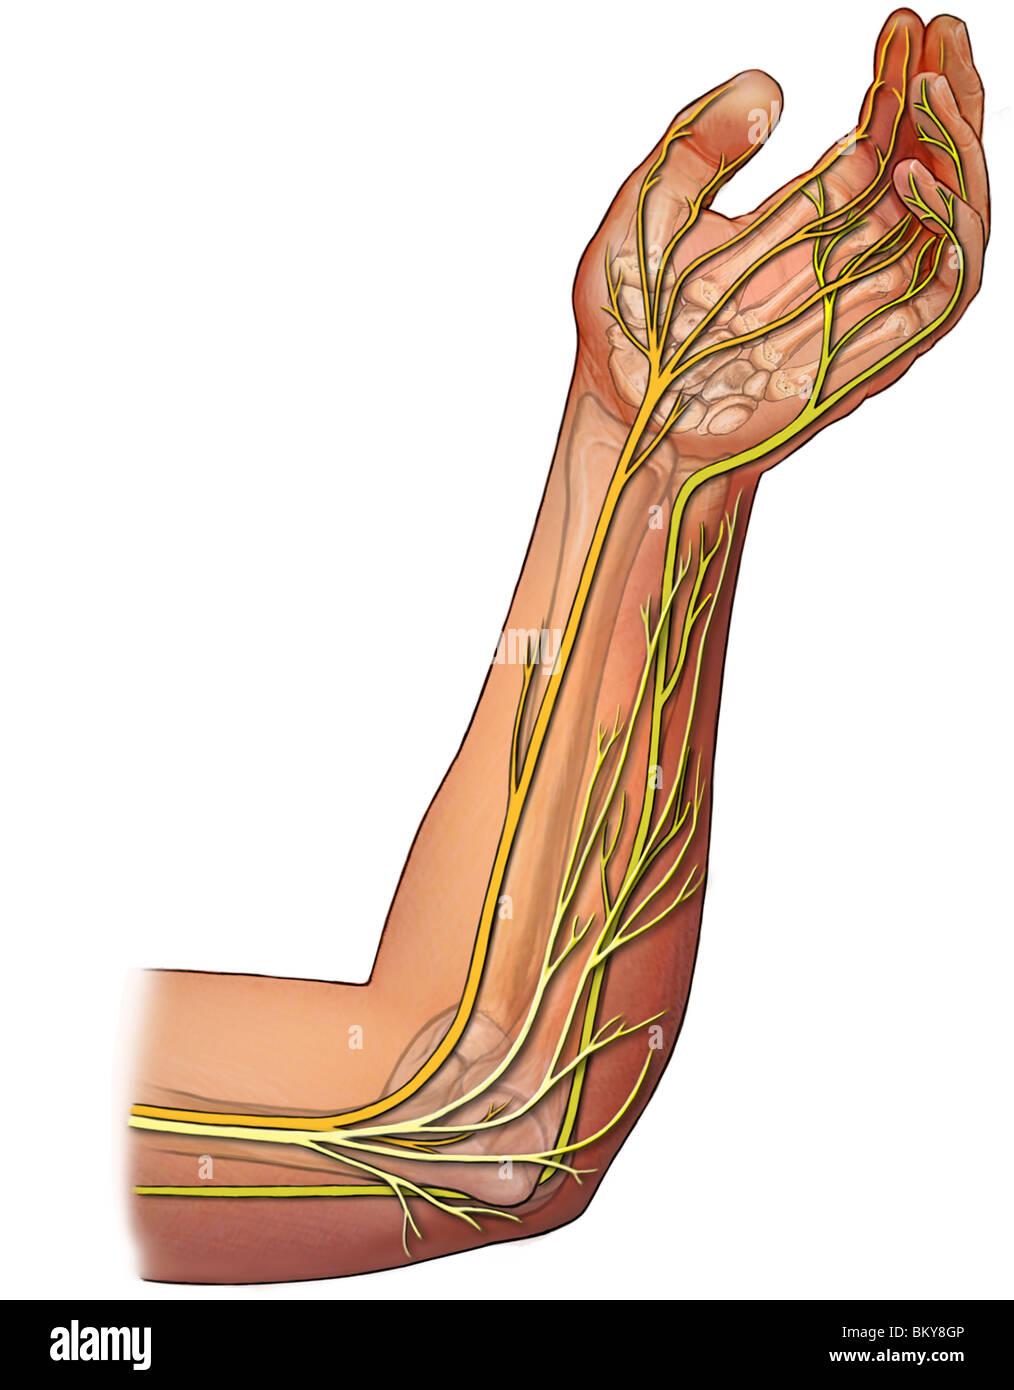 Dieses Bild zeigt die Innervation der Unterarm mit der Median, ulnar ...